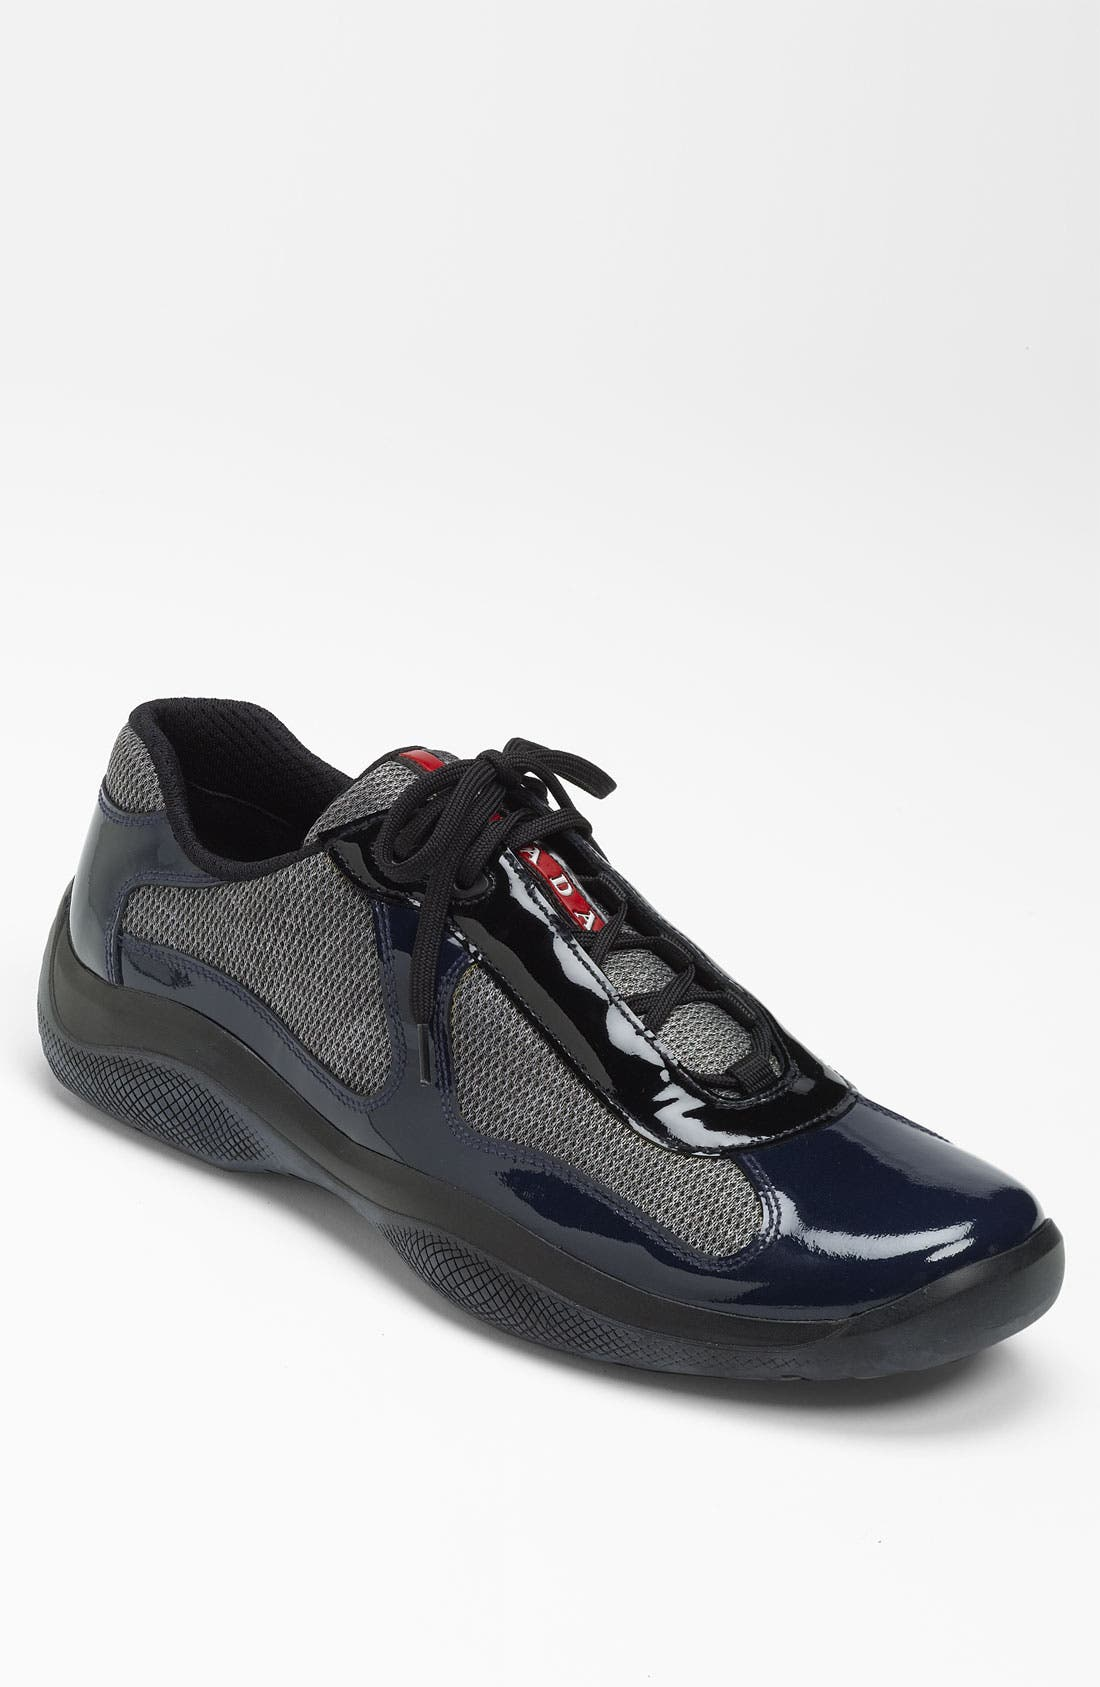 Main Image - Prada 'America's Cup' Mesh & Leather Sneaker (Men)